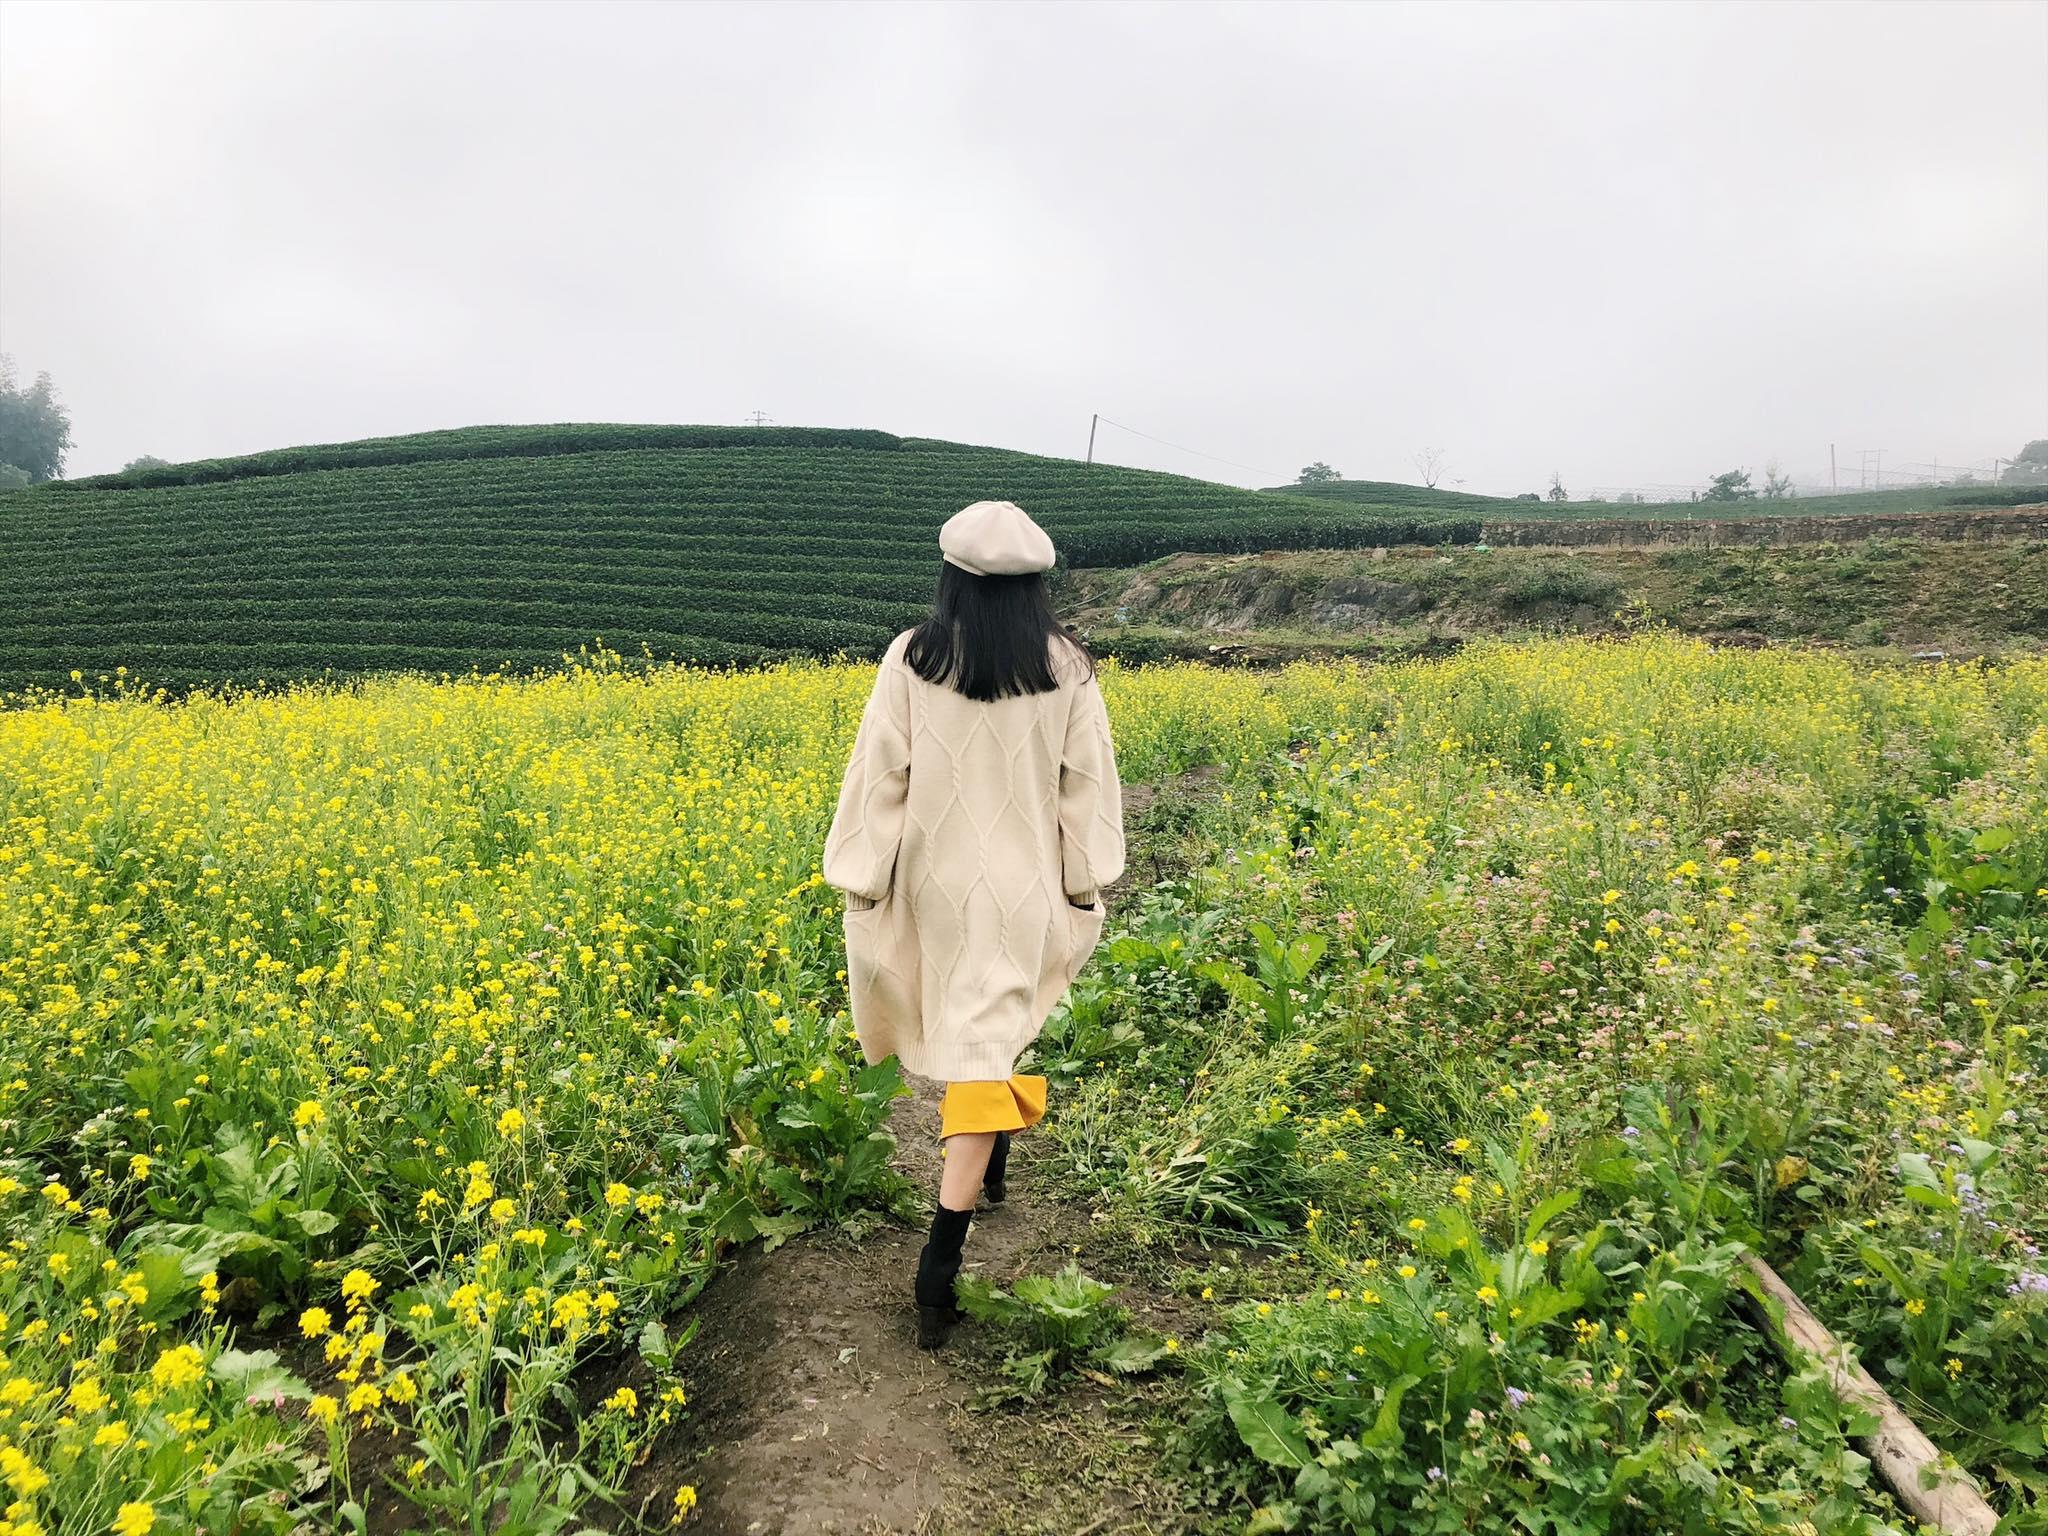 Không chỉ có hoa cải trắng, mùa đông Mộc Châu còn có hoa cải vàng. Hình: Lê Hải